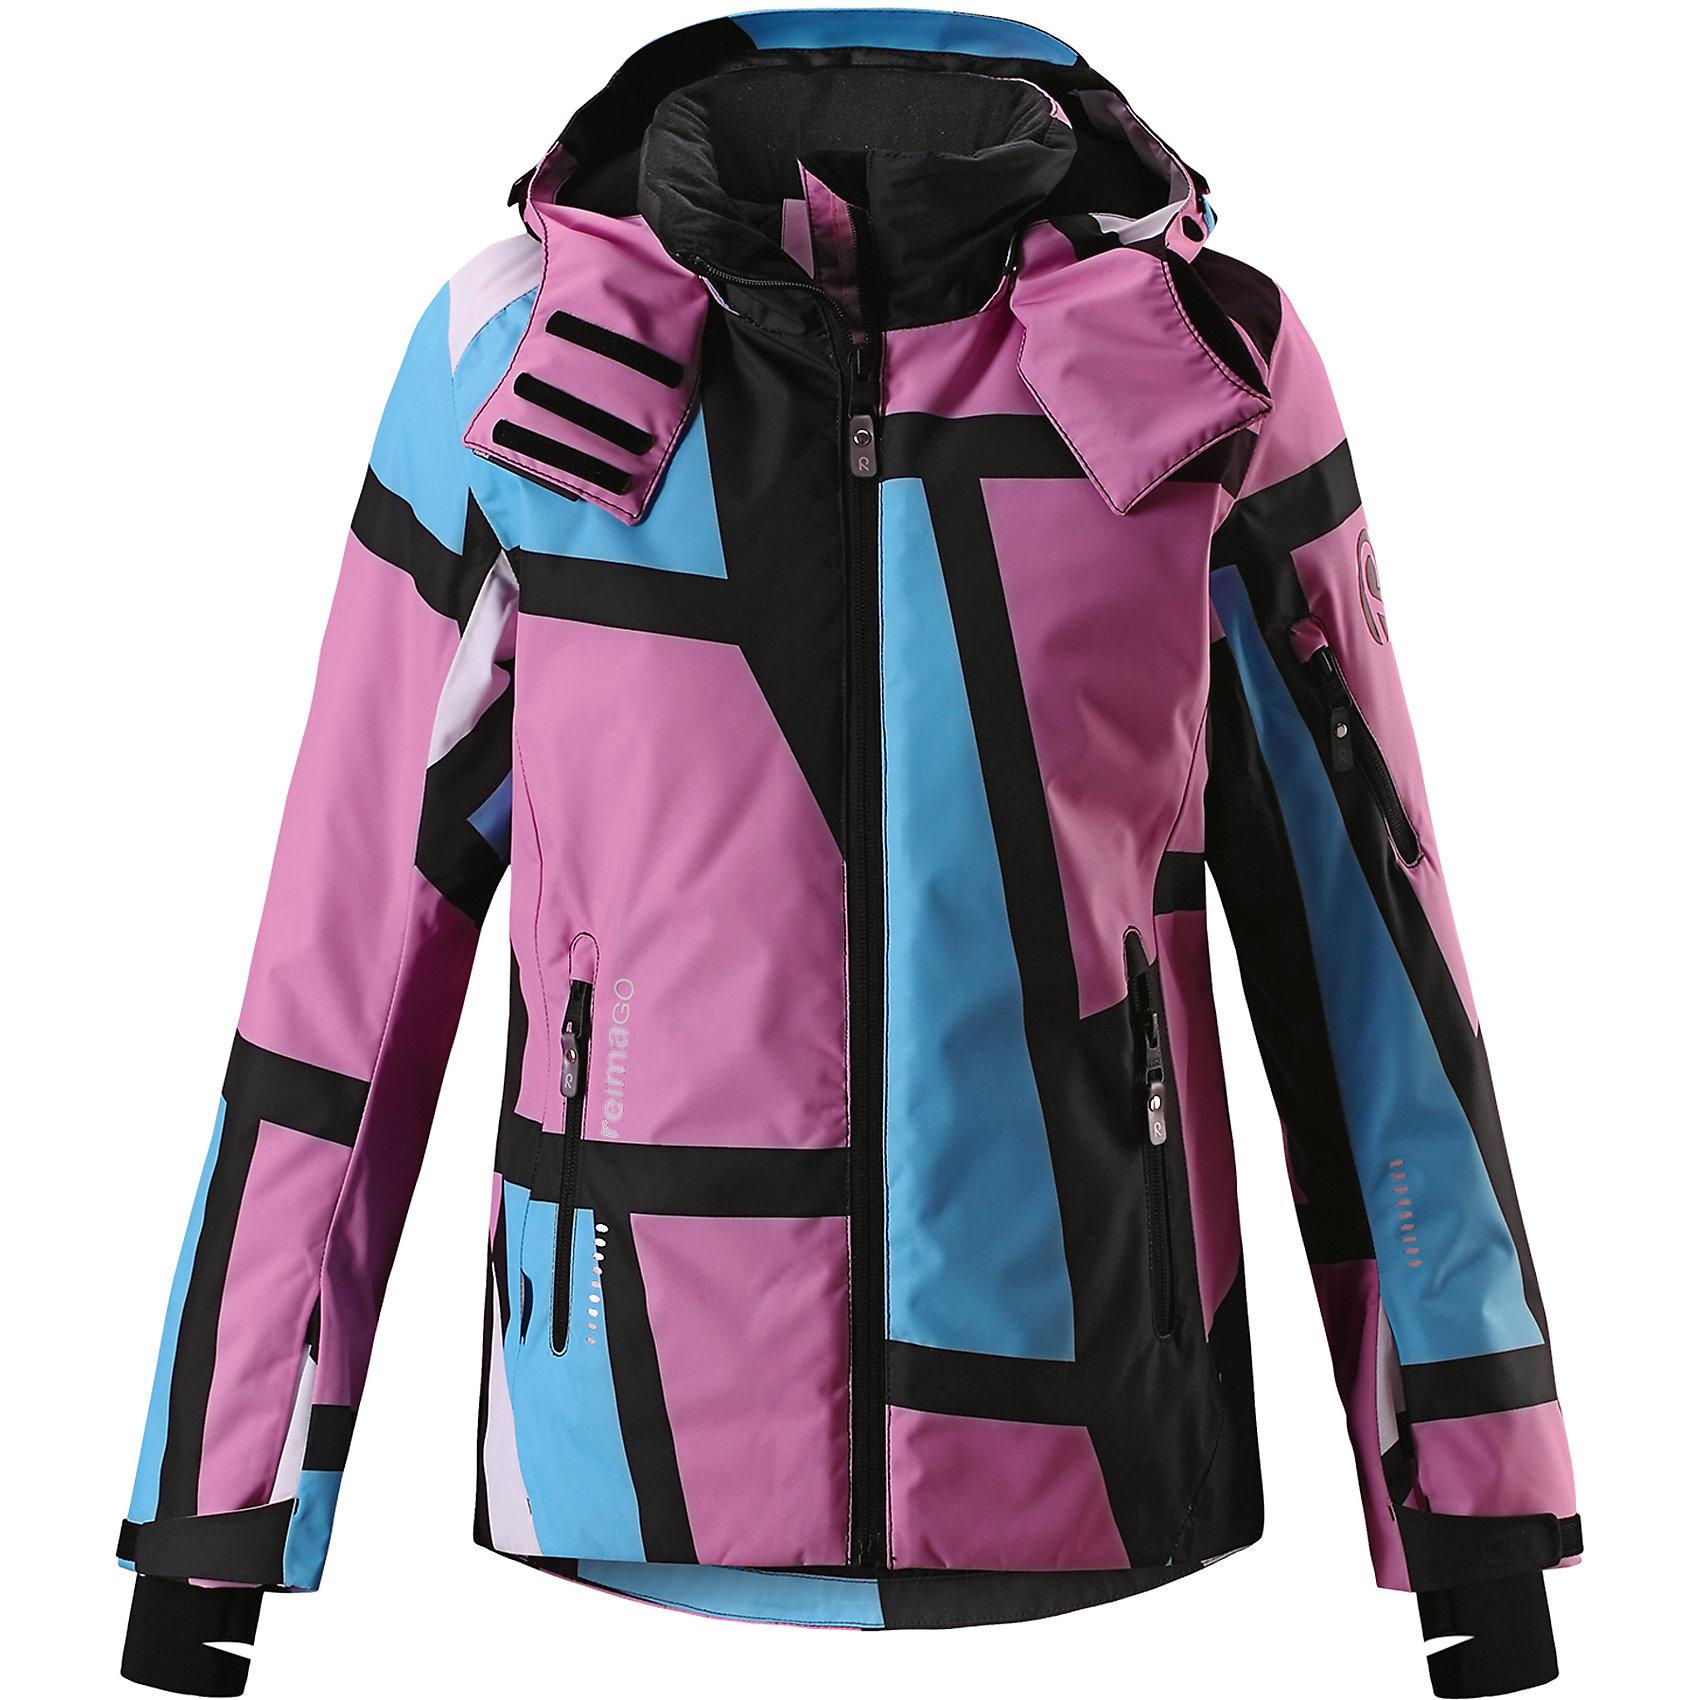 Куртка Reimatec® Reima Frost для девочкиОдежда<br>Характеристики товара:<br><br>• цвет: фиолетовый;<br>• состав: 100% полиэстер;<br>• подкладка: 100% полиэстер;<br>• утеплитель: 140 г/м2;<br>• сезон: зима;<br>• температурный режим: от 0 до -20С;<br>• водонепроницаемость: 15000 мм;<br>• воздухопроницаемость: 7000 мм;<br>• износостойкость: 35000 циклов (тест Мартиндейла);<br>• водо- и ветронепроницаемый, дышащий и грязеотталкивающий материал;<br>• все швы проклеены и водонепроницаемы;<br>• застежка: молния с защитой подбородка;<br>• гладкая подкладка из полиэстера;<br>• безопасный съемный и регулируемый капюшон;<br>• место соединения куртки с брюками скрыто снегозащитной манжетой;<br>• регулируемые манжеты и внутренние манжеты из лайкры;<br>• удлиненные манжеты;<br>• регулируемый подол, снегозащитный манжет на талии;<br>• карманы на молнии, карман для skipass на рукаве;<br>• карман для очков, внутренний нагрудный карман и петли для проводов наушников;<br>• карман с креплением для сенсора ReimaGO®;<br>• светоотражающие детали;<br>• страна бренда: Финляндия;<br>• страна изготовитель: Китай.<br><br>Полностью водо и ветронепроницаемая детская зимняя куртка из специального материала хорошо пропускает воздух и обладает водо и грязеотталкивающими свойствами. Все швы проклеены, водонепроницаемы. Благодаря удобным петелькам провод от наушников не запутается. Регулируемые манжеты помогут подобрать нужную ширину рукавов, а внутренние манжеты из лайкры обеспечат дополнительный комфорт. <br><br>Снежная юбка на талии защищает от попадания снега внутрь. Съемный регулируемый капюшон защищает от пронизывающего ветра и безопасен во время катания на лыжах. Практичные ветроотражатели по краю капюшона обеспечивают дополнительную защиту от холодного ветра. Куртка специально разработана для маленьких лыжников и любителей кататься на санках. <br><br>Она снабжена множеством продуманных функциональных деталей: карманом для лыжной карты на рукаве, двумя карманами на молнии, внутренним нагрудным